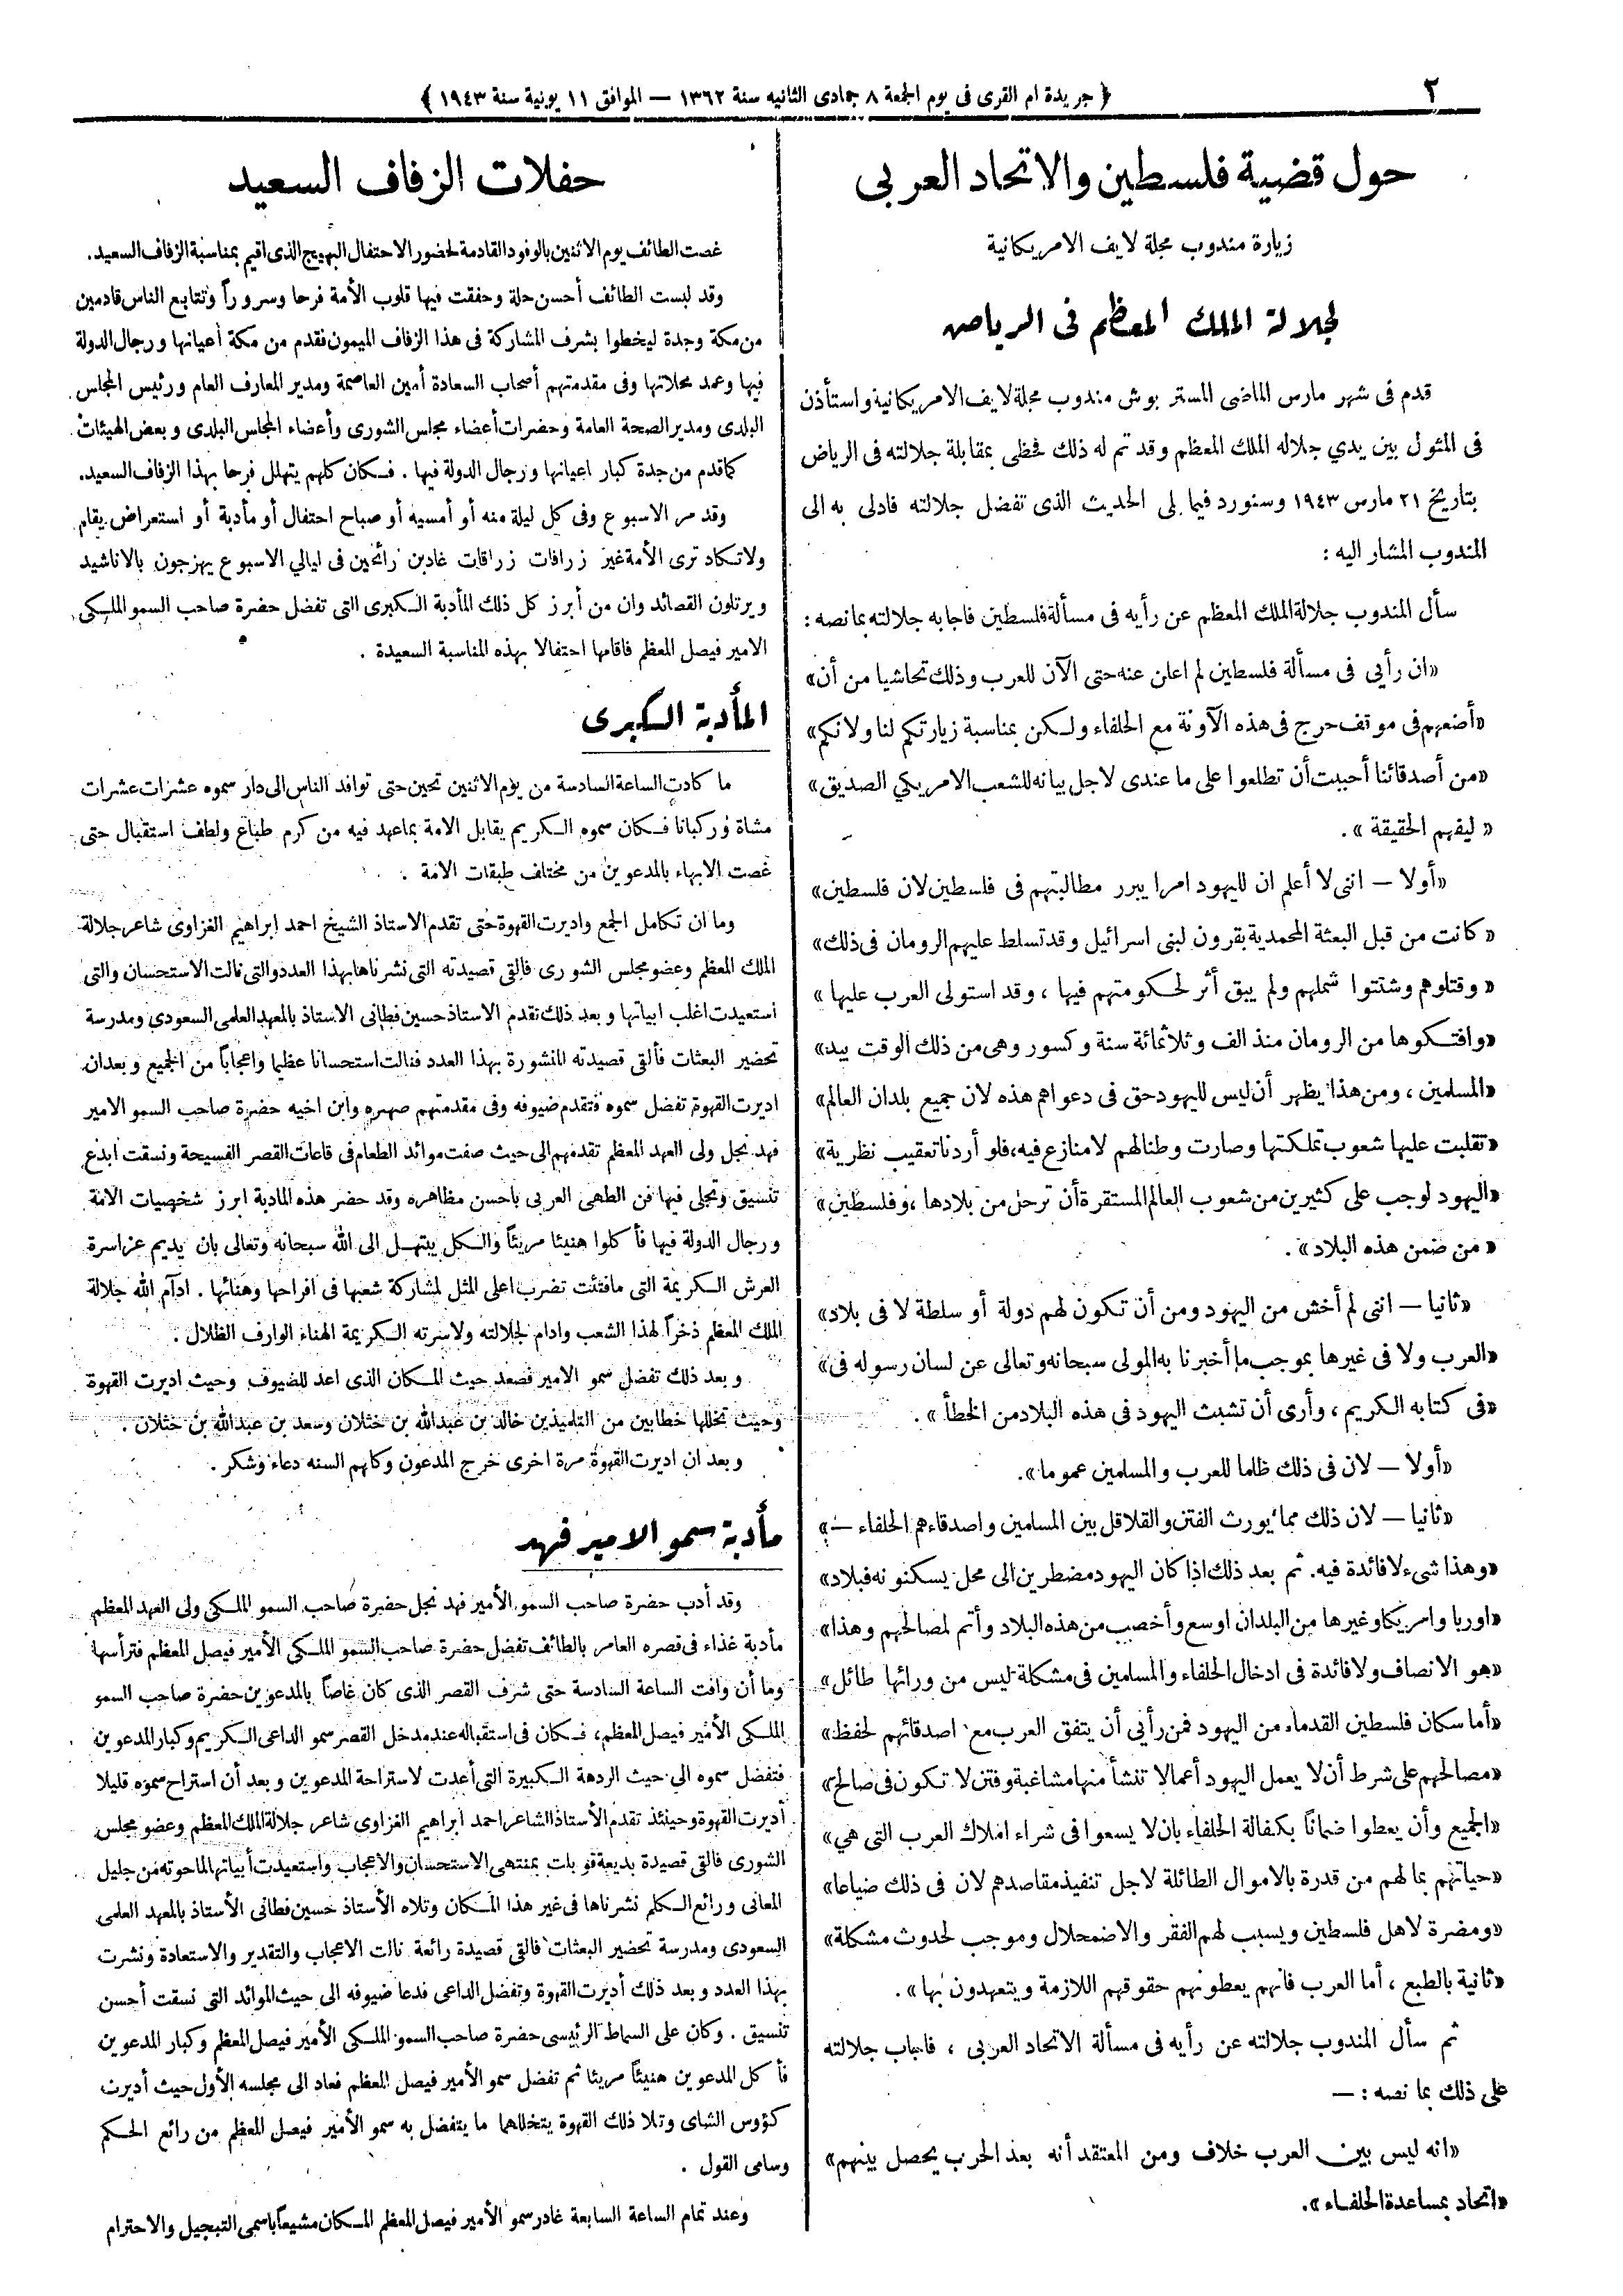 Interview du roi Abd Al-Aziz Al Saoud sur la Palestine par le magazine américain Life, dans le journal mecquois Oumm Al-Qora, le 8 Jumada Al-Thaniyya 1362 correspondant au 11 juin 1943.